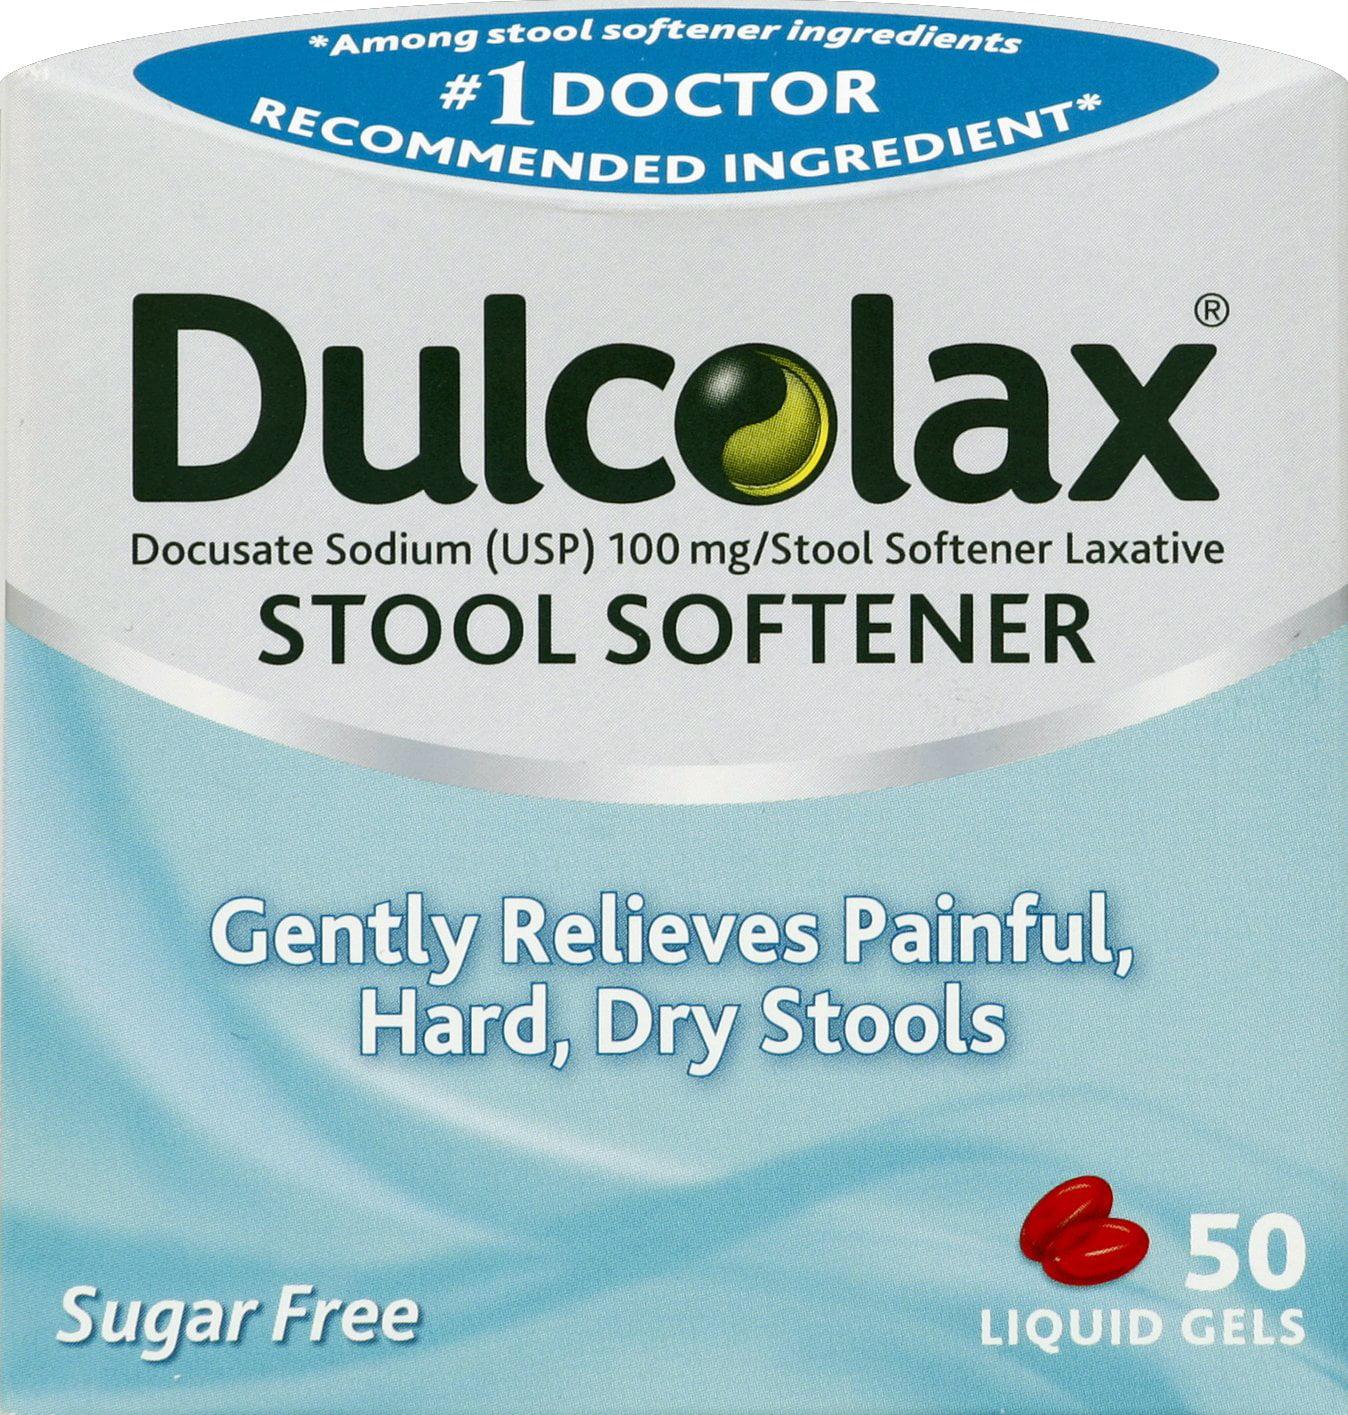 Dulcolax Stool Softener Liquid Gels 50ct Docusate Sodium